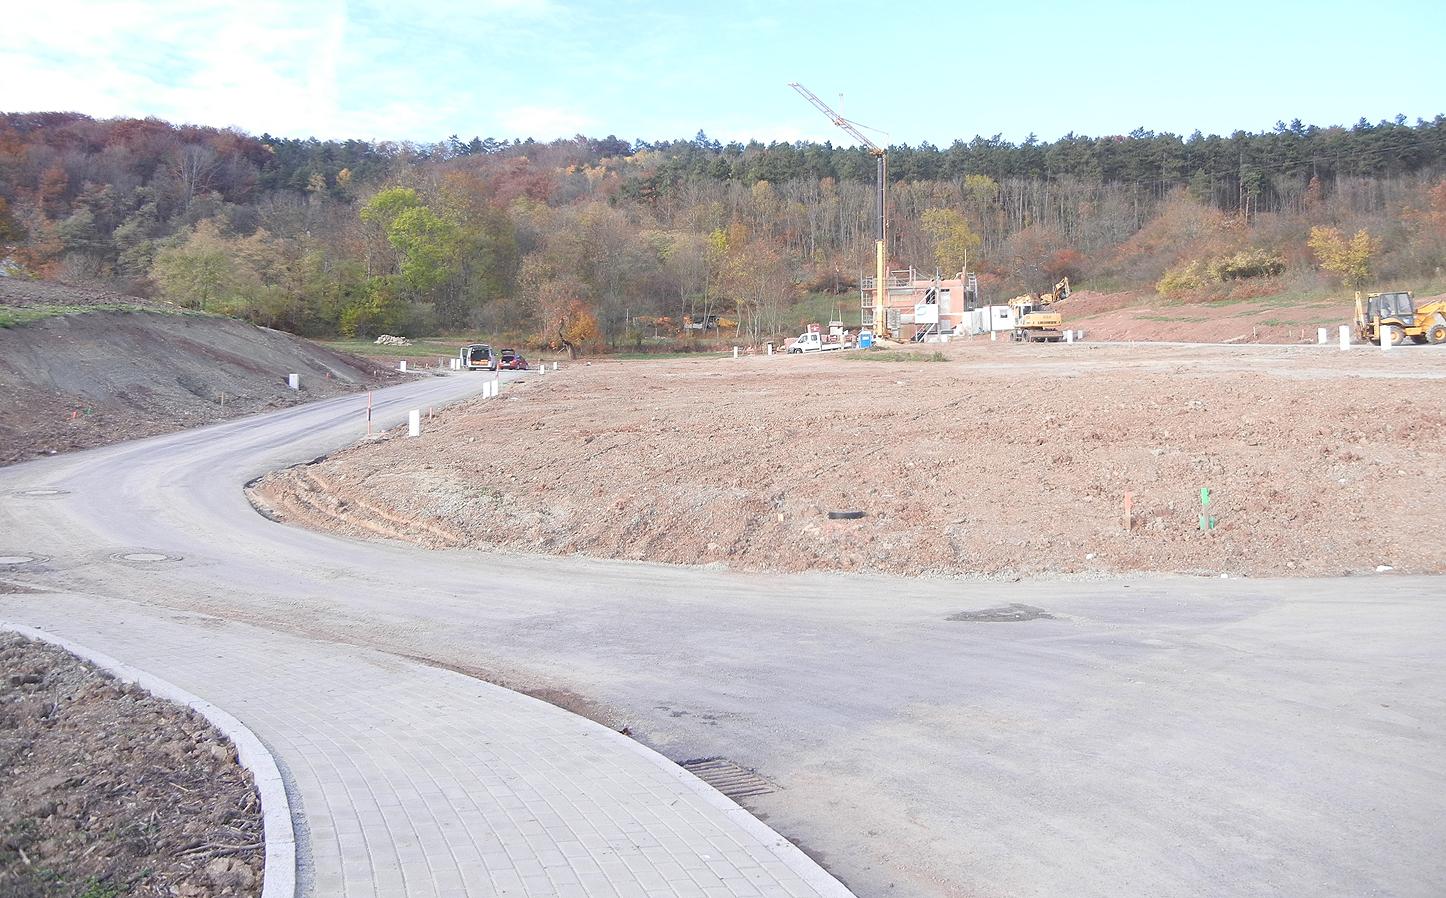 Wohngebiet Jena Ilmnitz - Die Erschließungsstrasse wurde fertiggestellt.